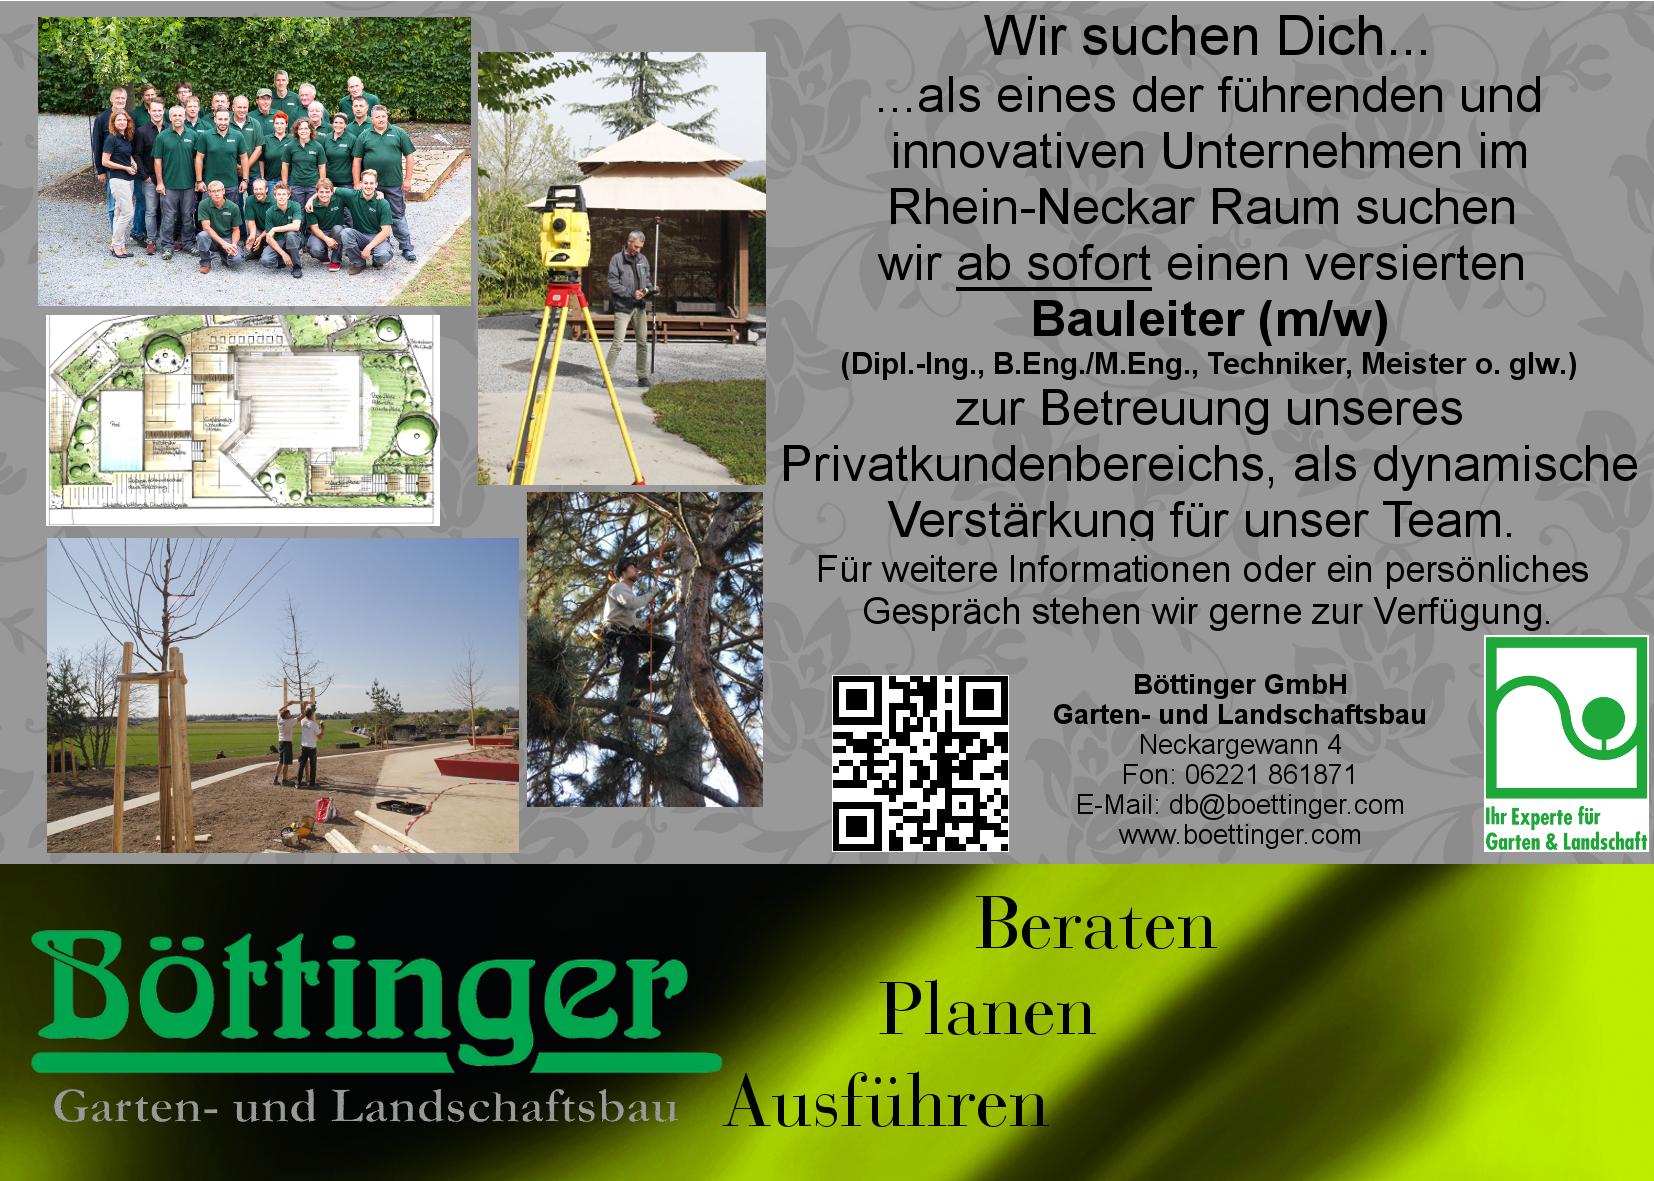 Karriere | Garten- und Landschaftsbau Boettinger